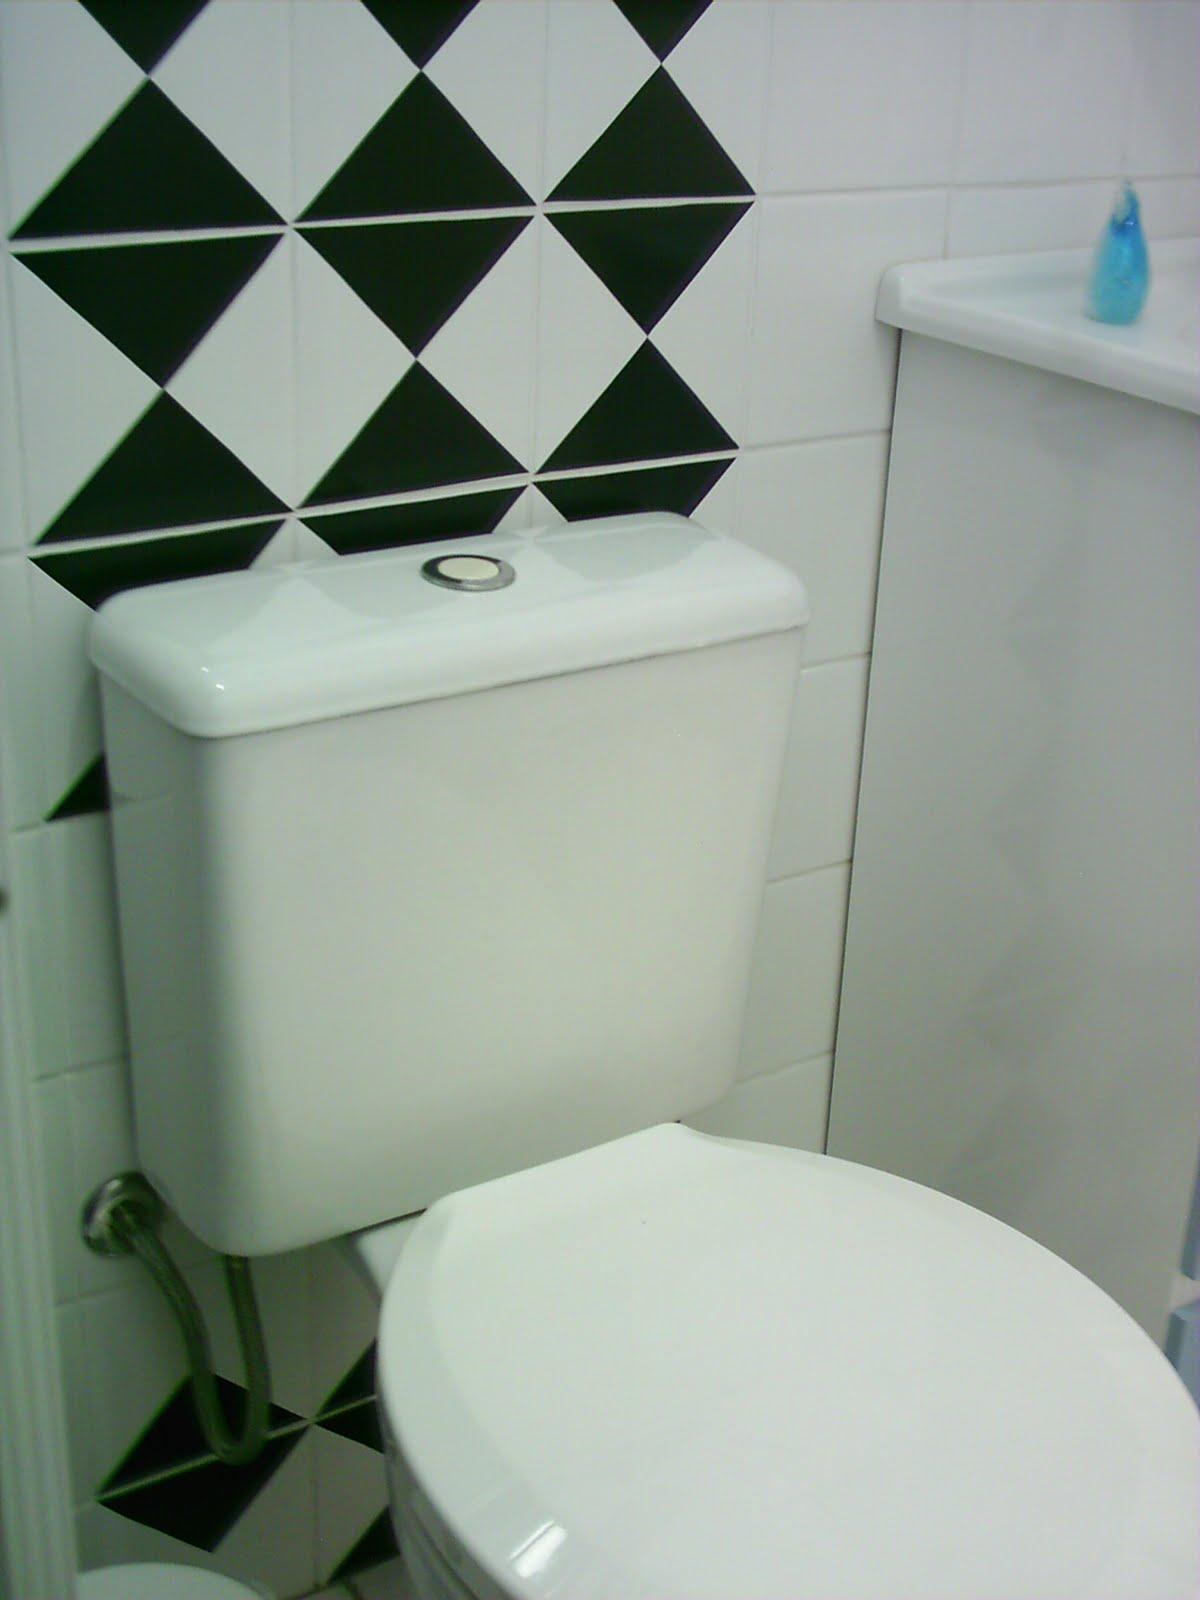 Blog de Decorar Banheiro Decorado com Adesivo, Papel Contact e Pastilhas Ade -> Banheiro Decorado Com Vaso Sanitario Preto